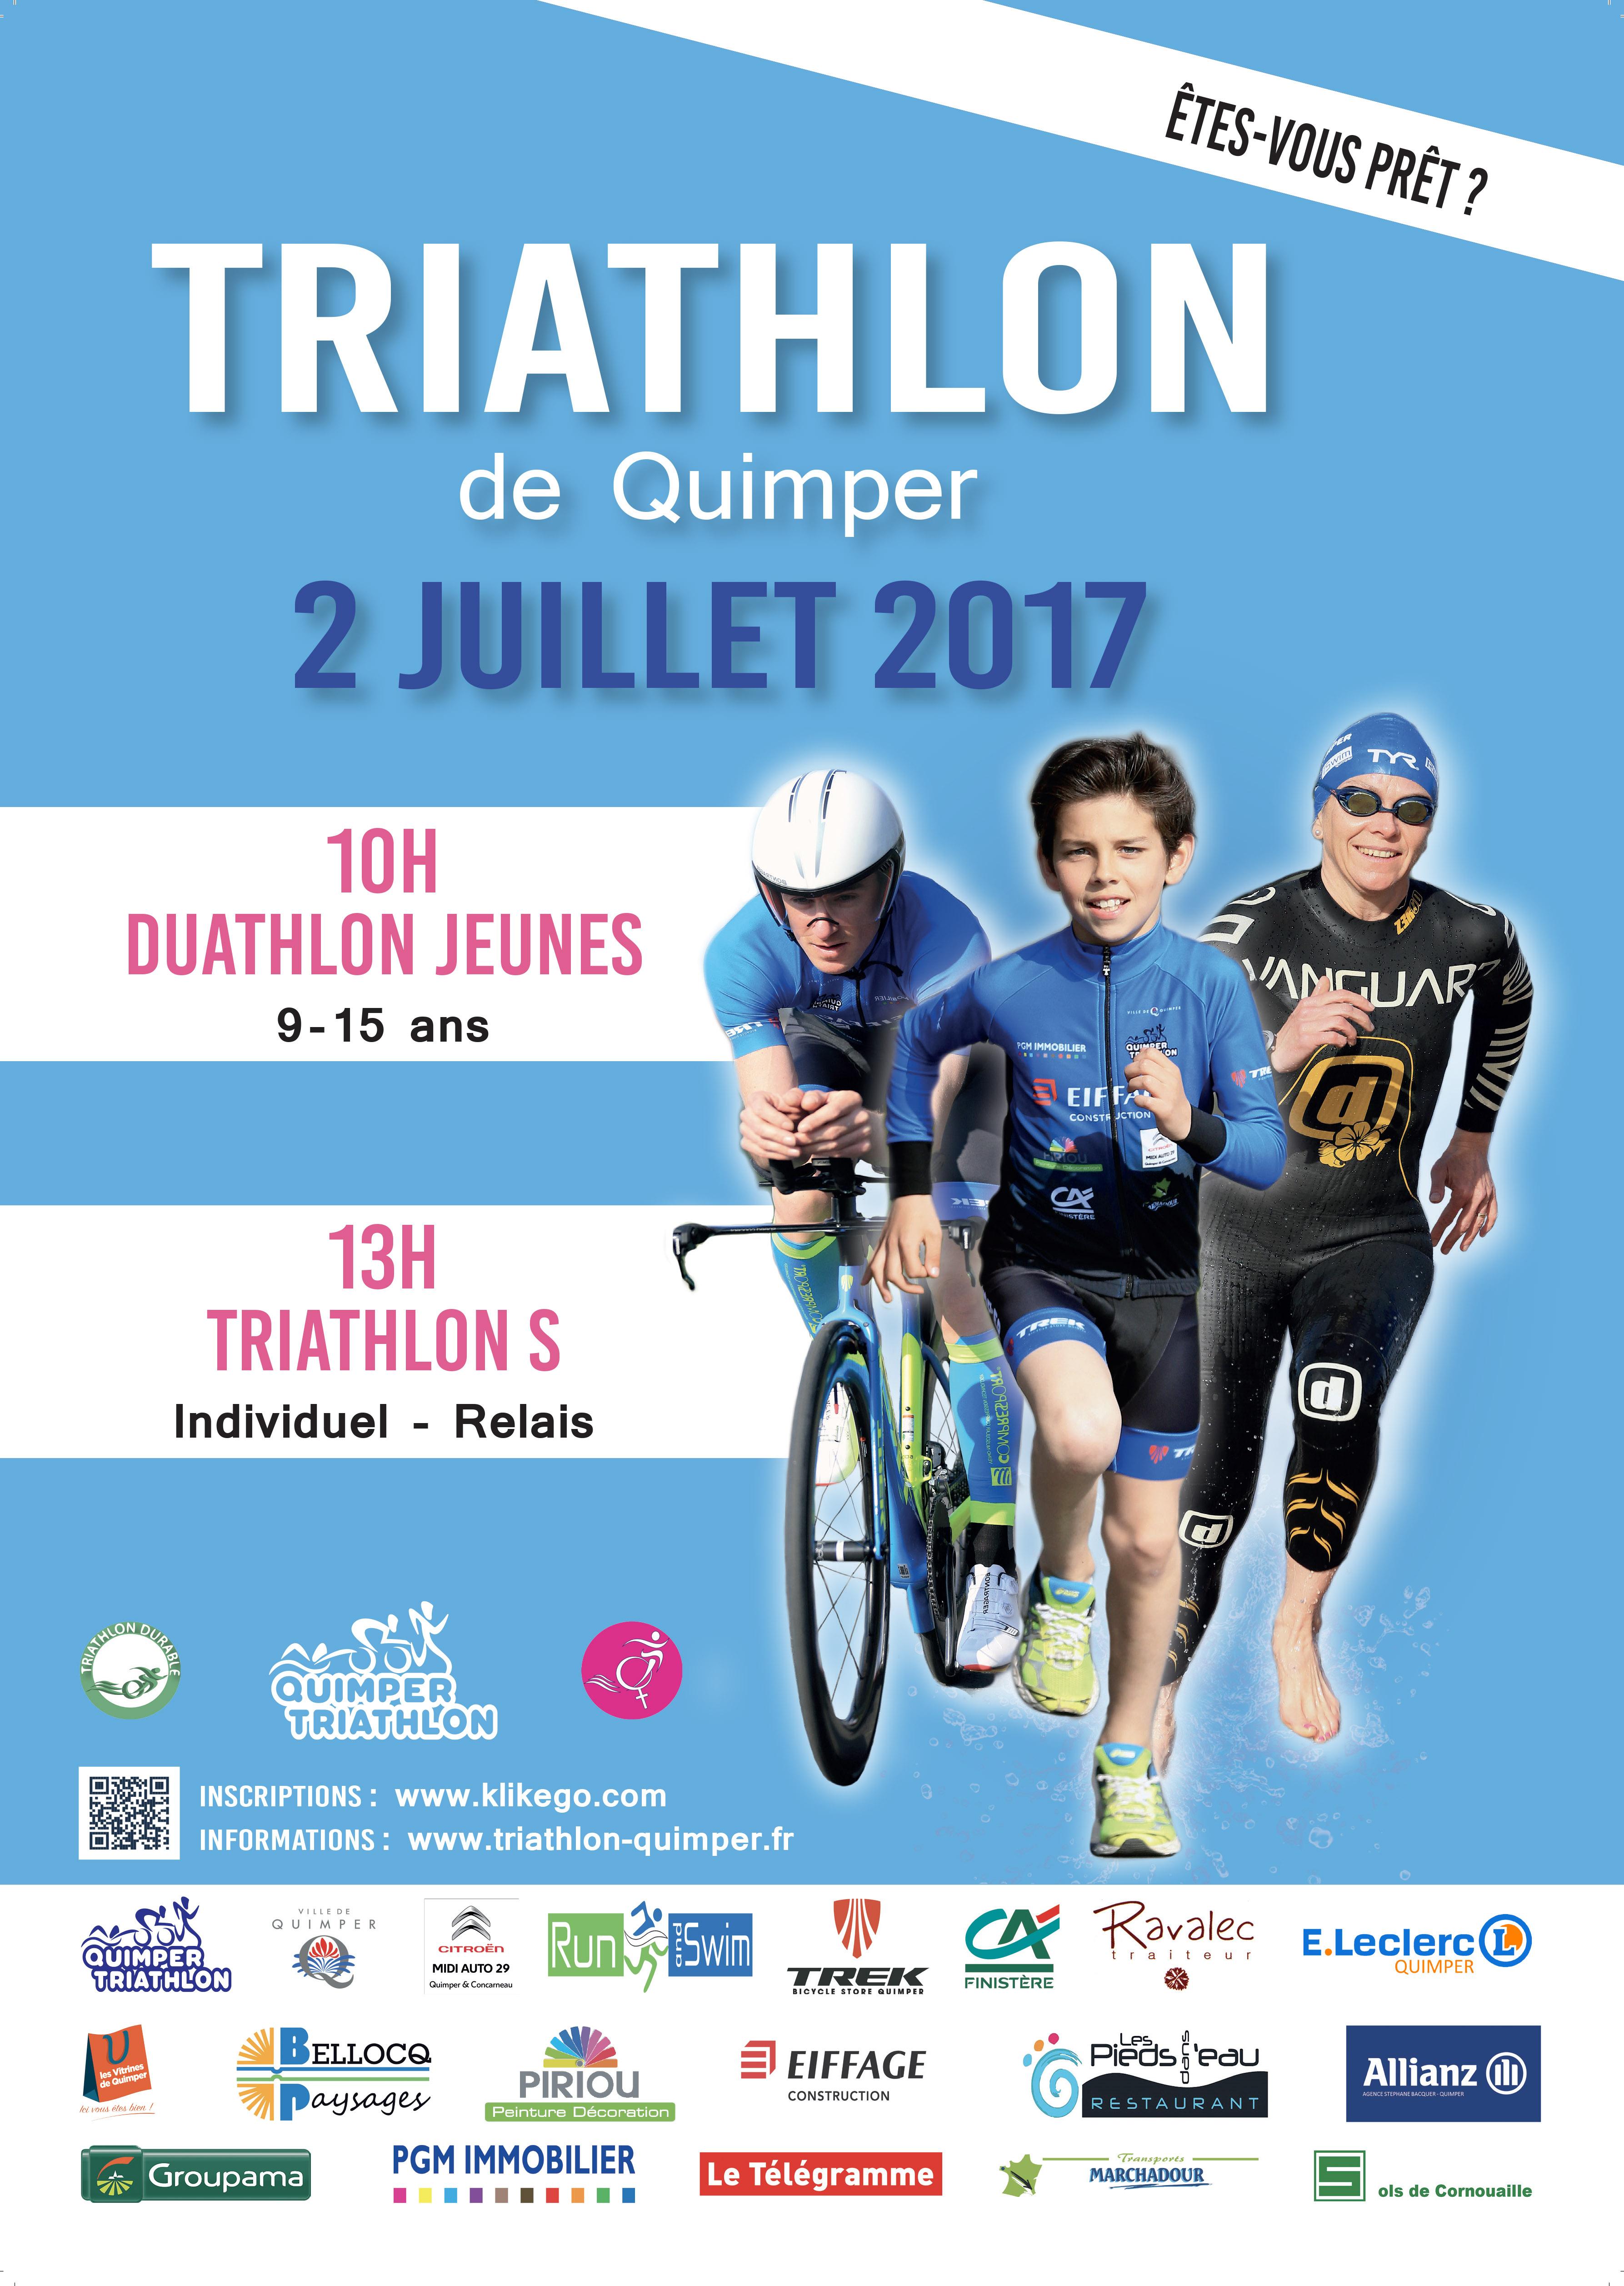 Triathlon de Quimper le 2 juillet 2017 (cliquez)